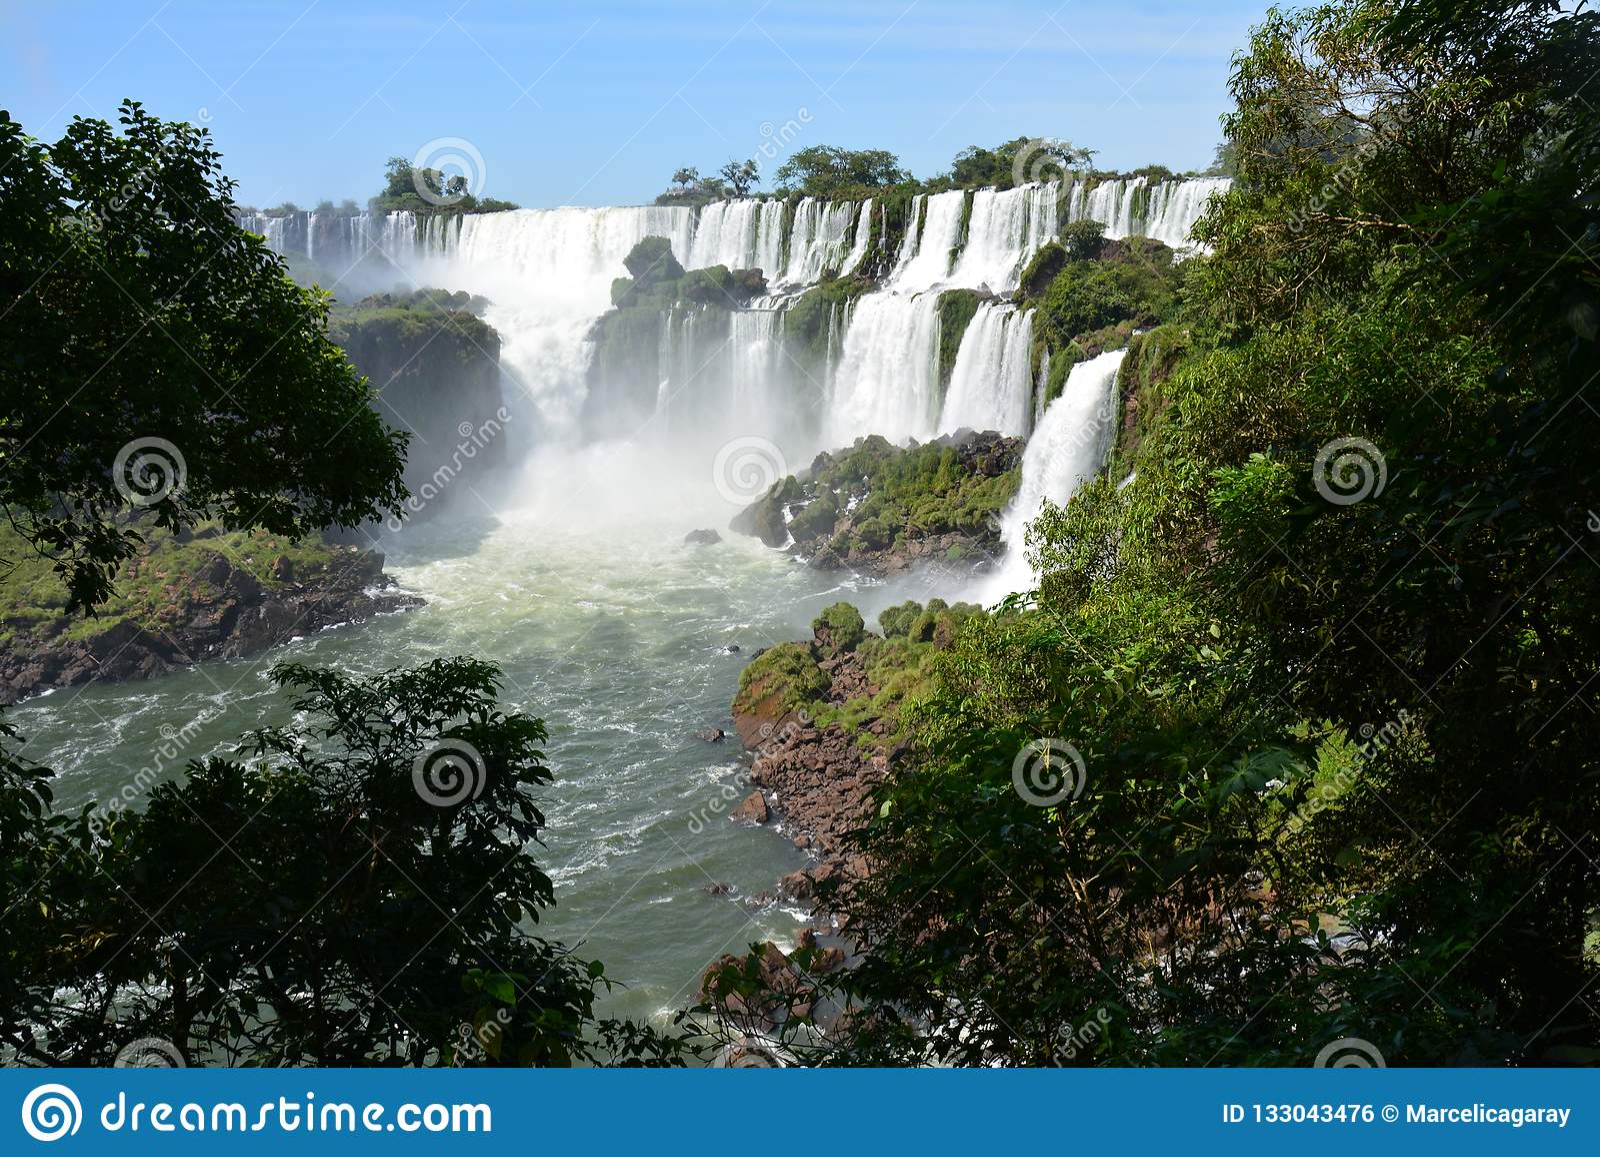 Beautiful Iguazu Falls In Argentina South America Stock Photo